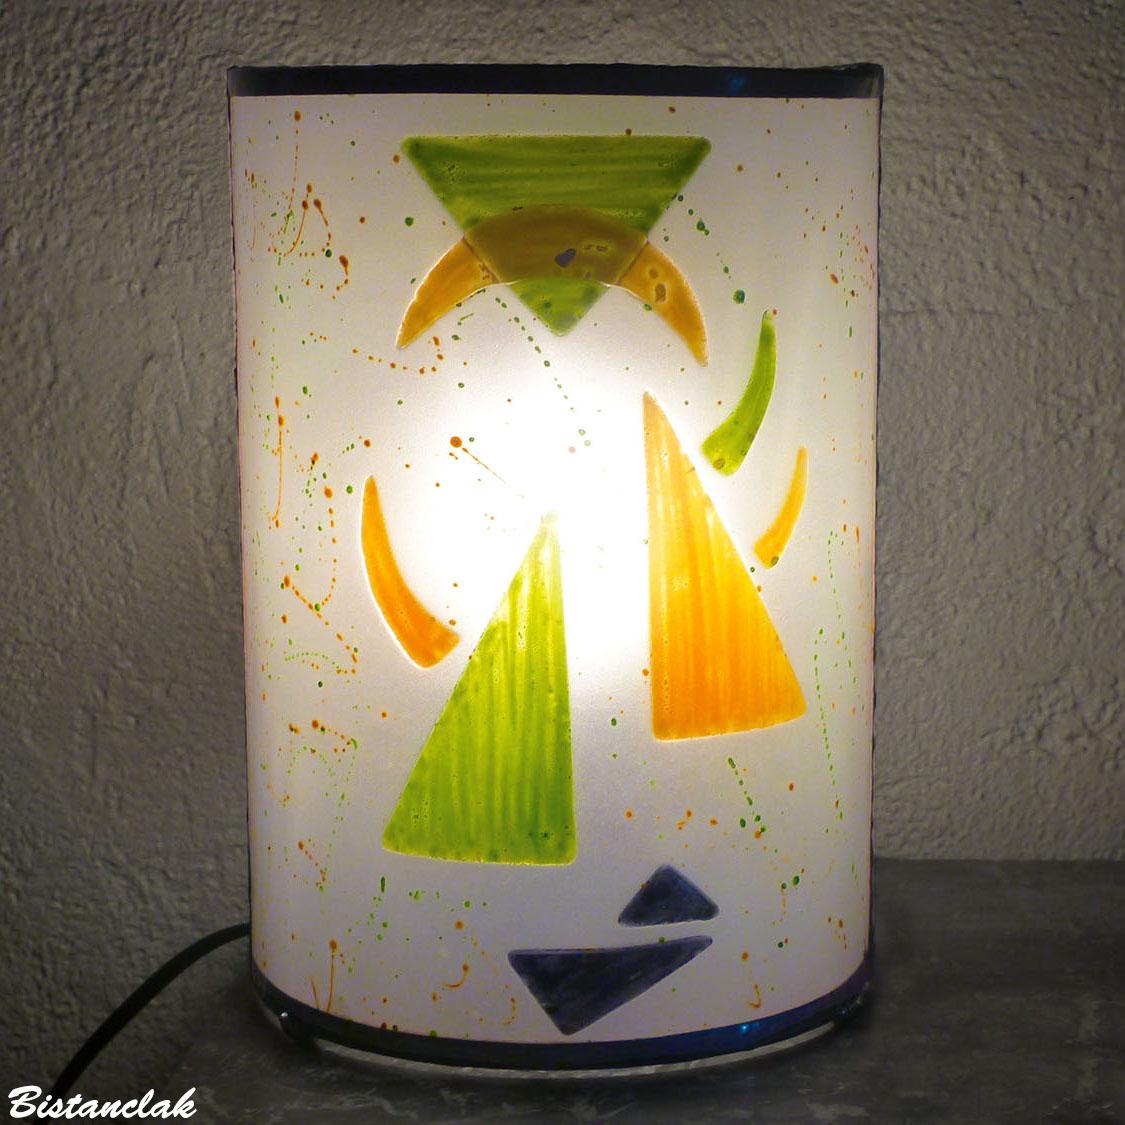 Lampe décorative blanche, orange et verte design géométrique